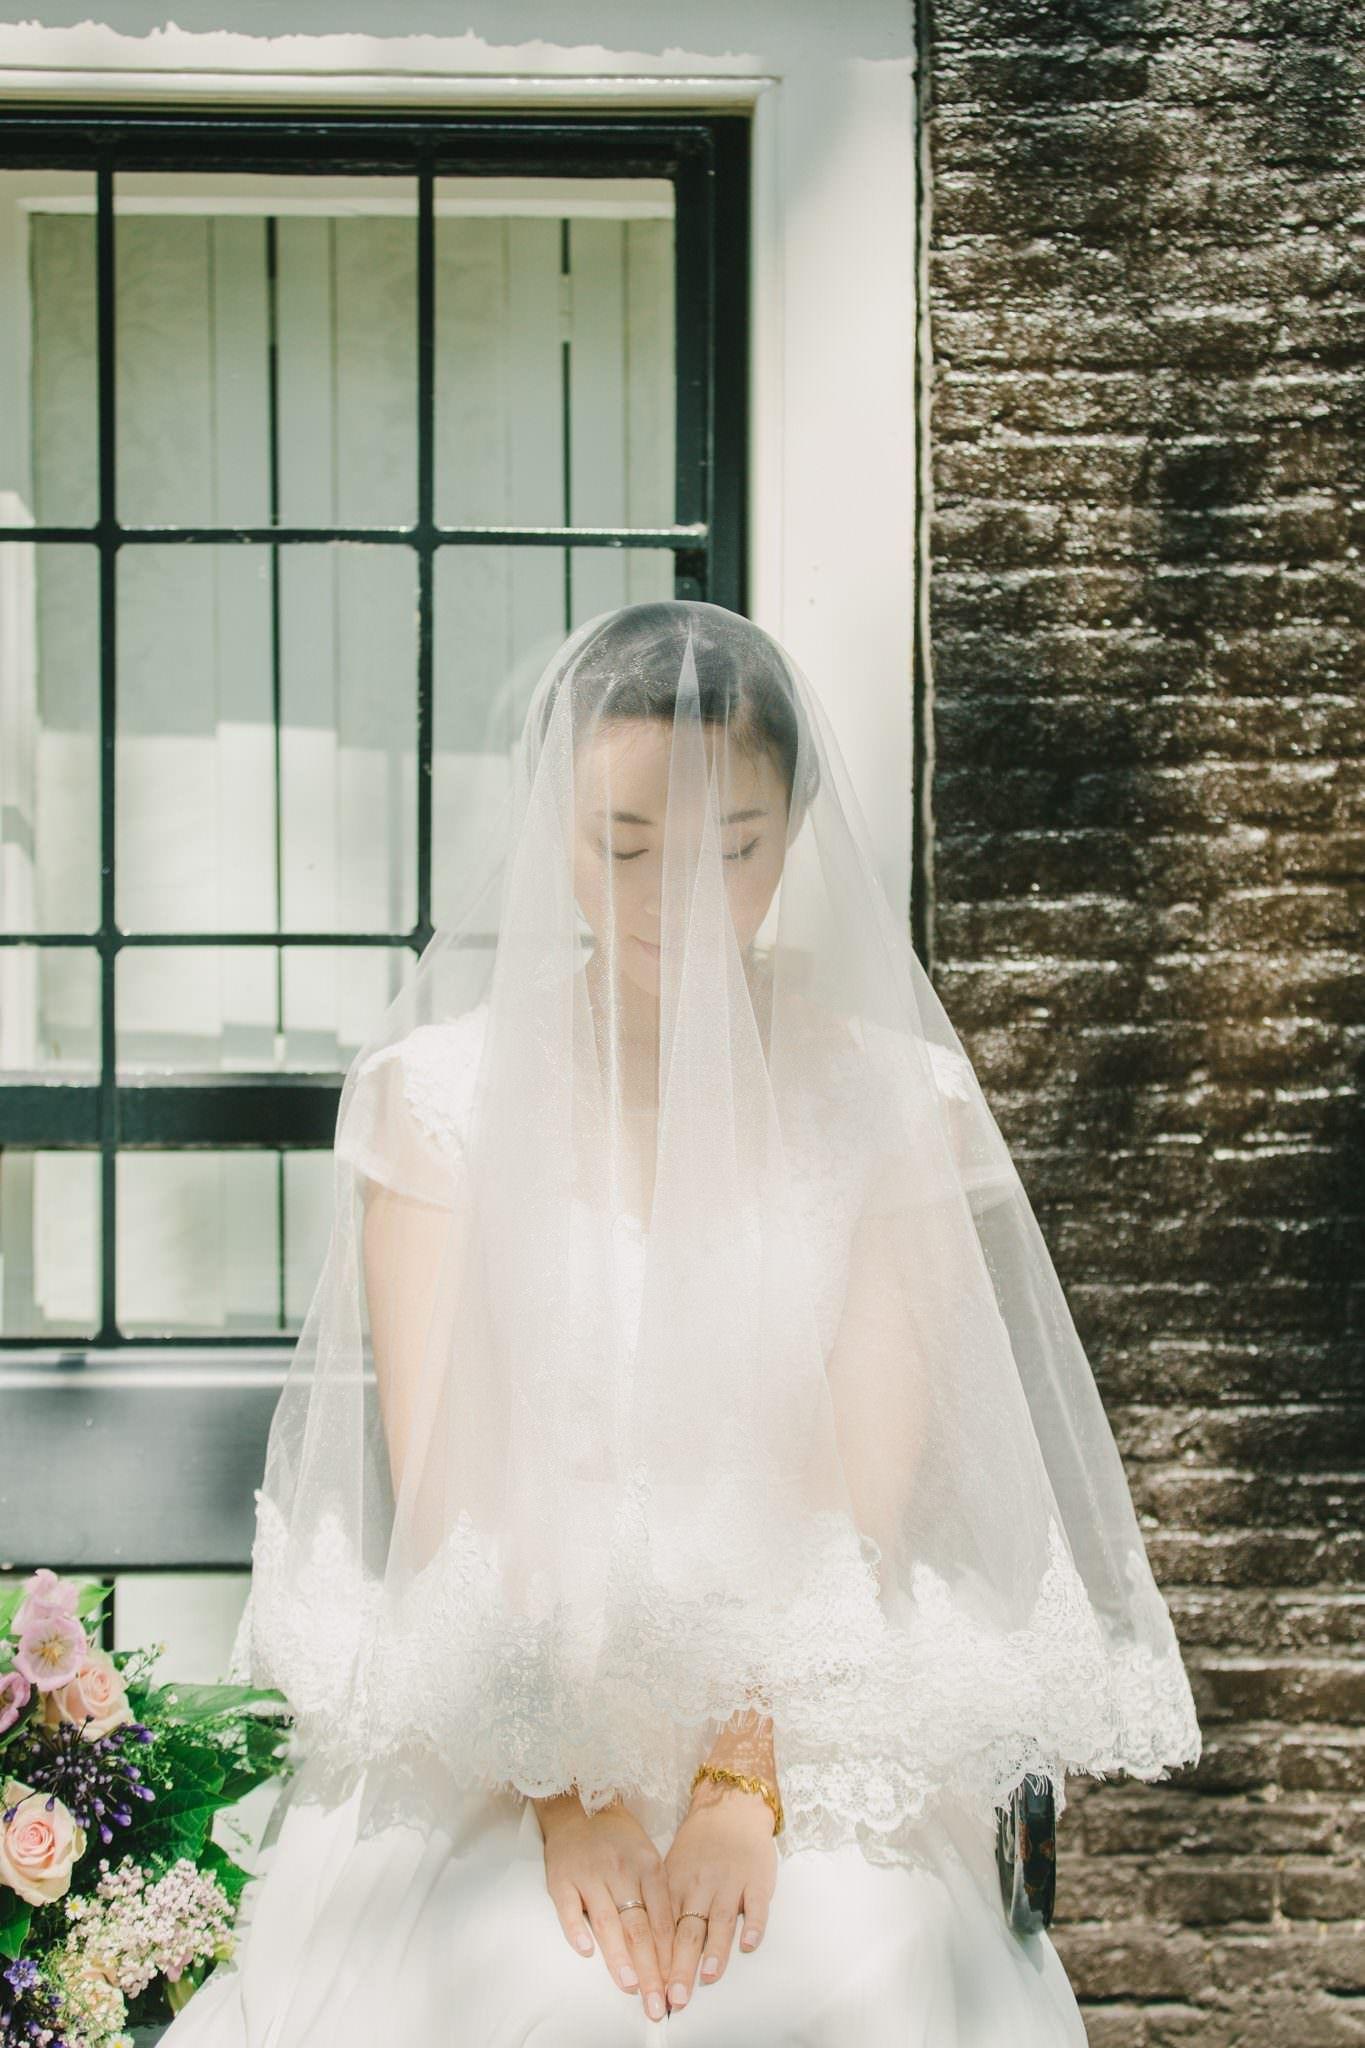 オランダ運河の街で行われたおとぎの国のようなロケーションフォト Charming Canal Wedding Photoshoot In Holland ウェディングドレス 結婚式の写真撮影 ウェディングファッション